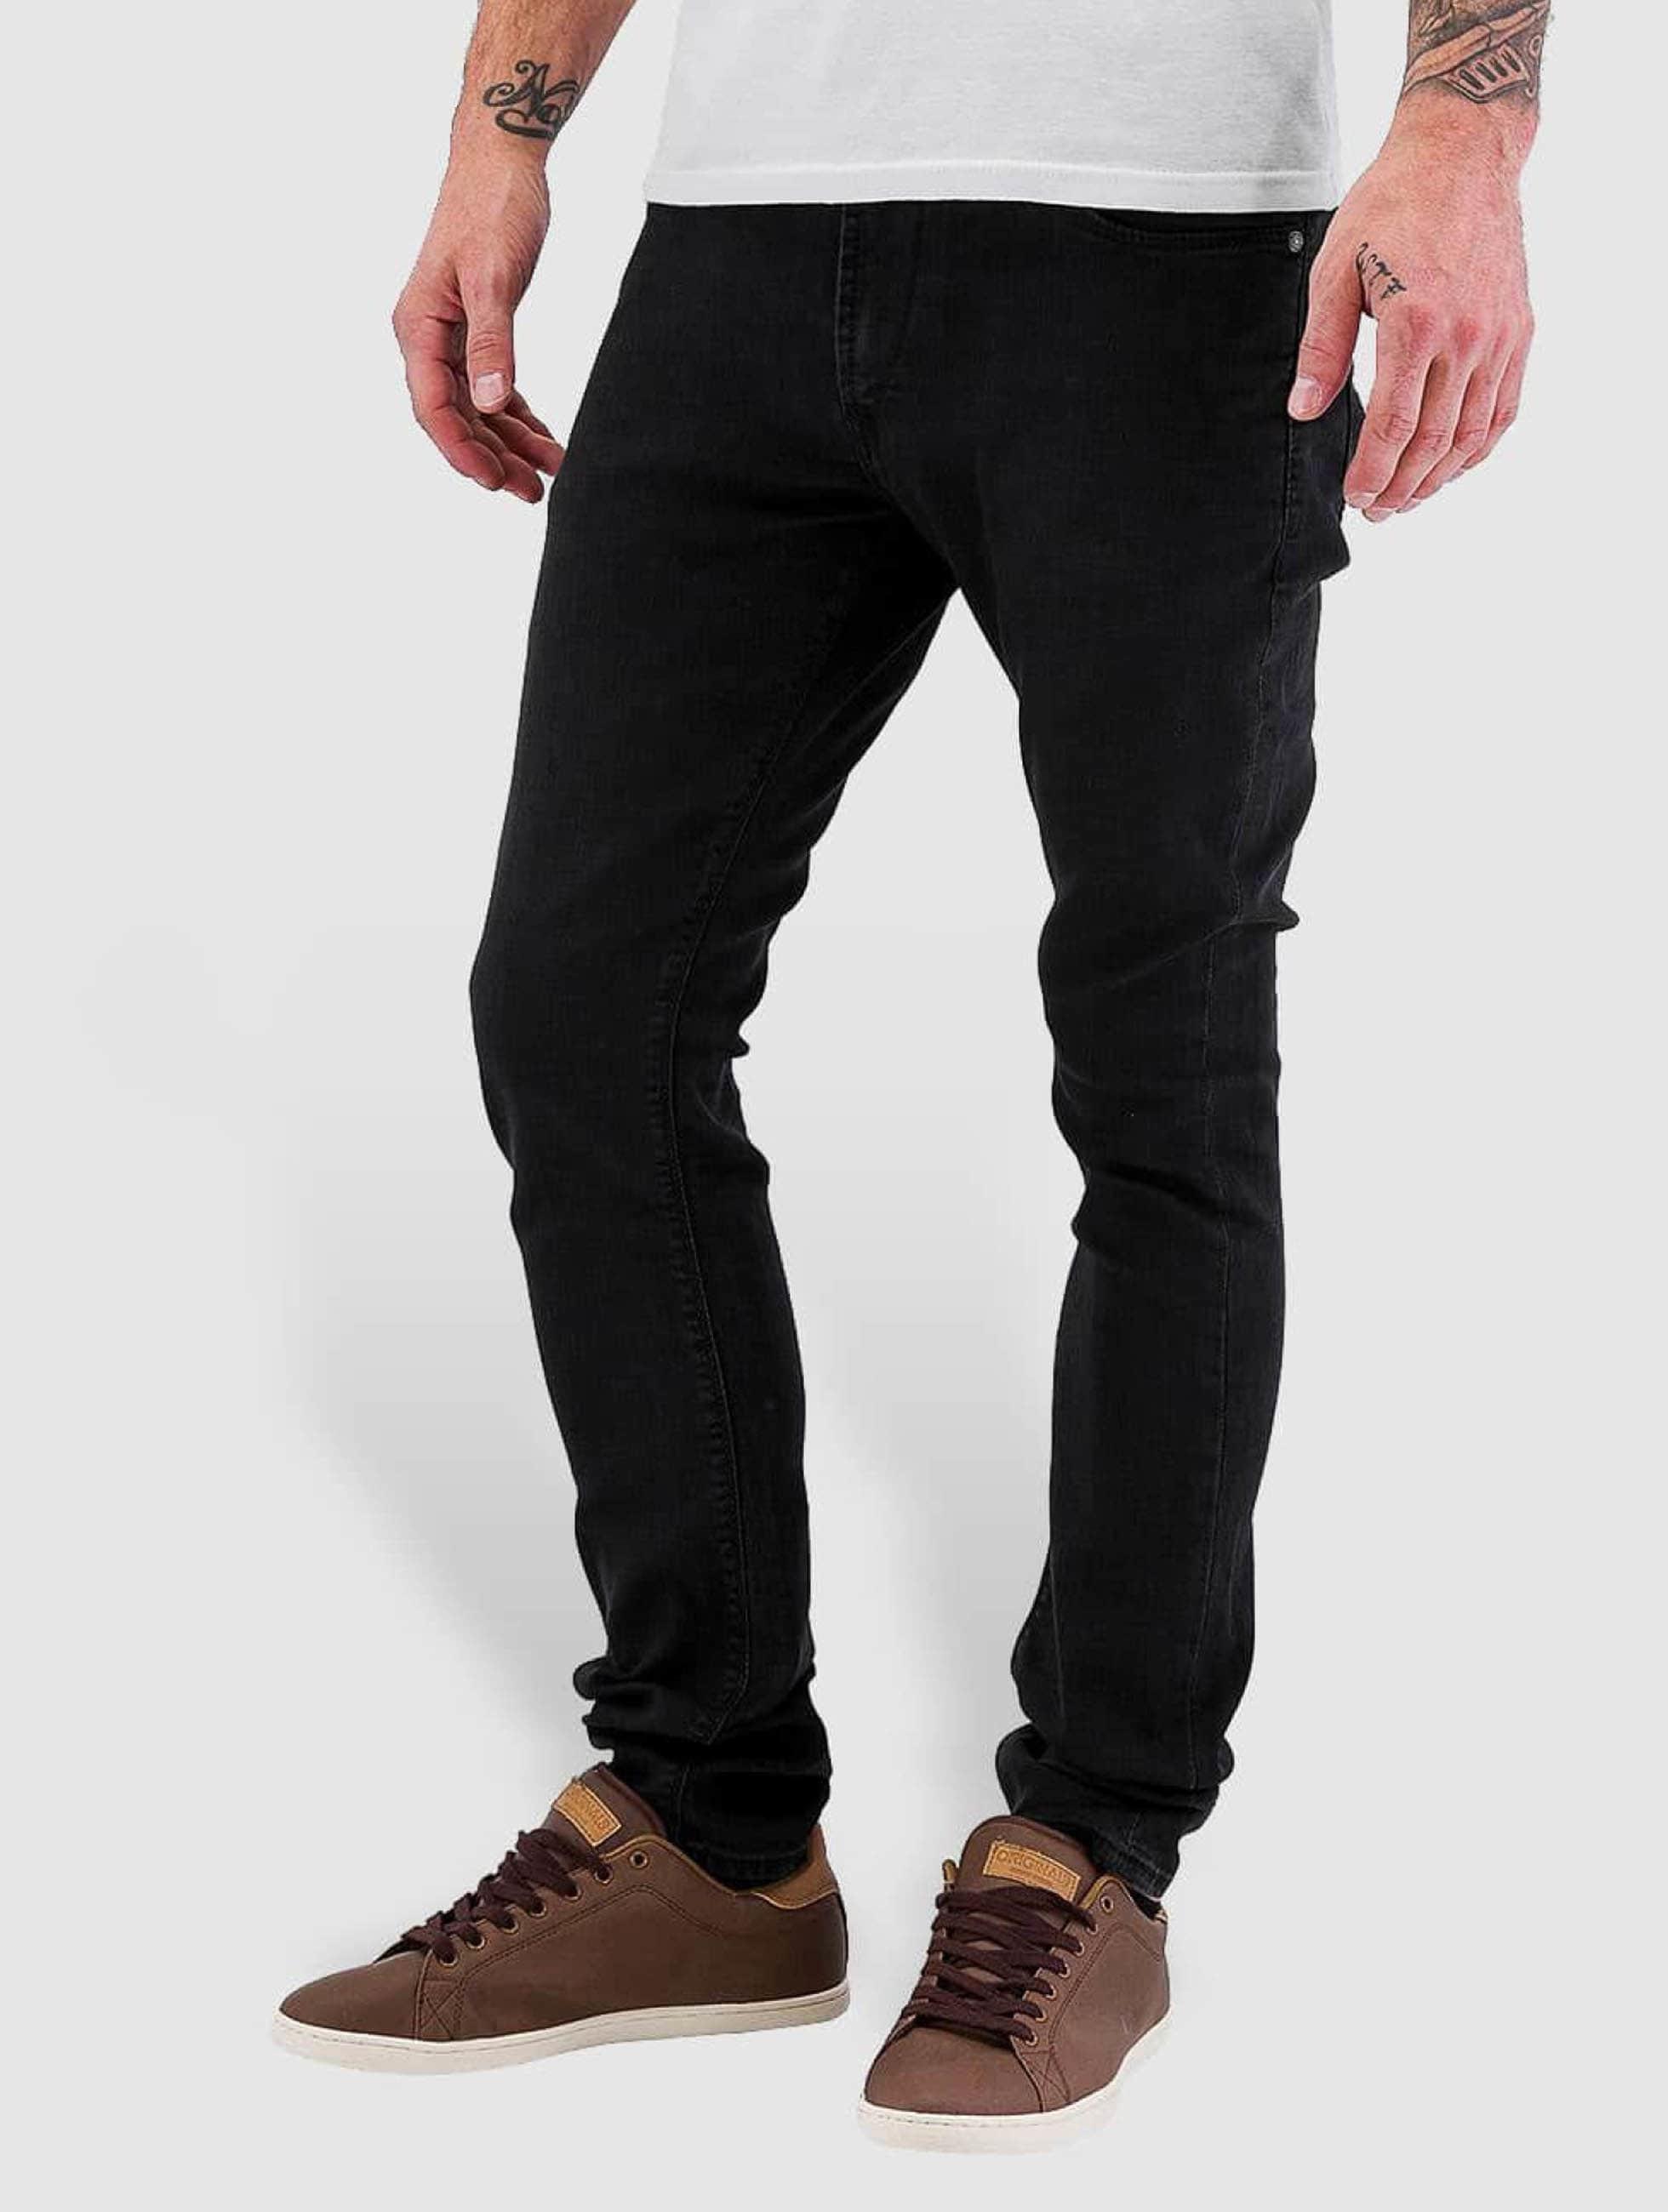 reell jeans radar stretch super noir homme jean skinny. Black Bedroom Furniture Sets. Home Design Ideas